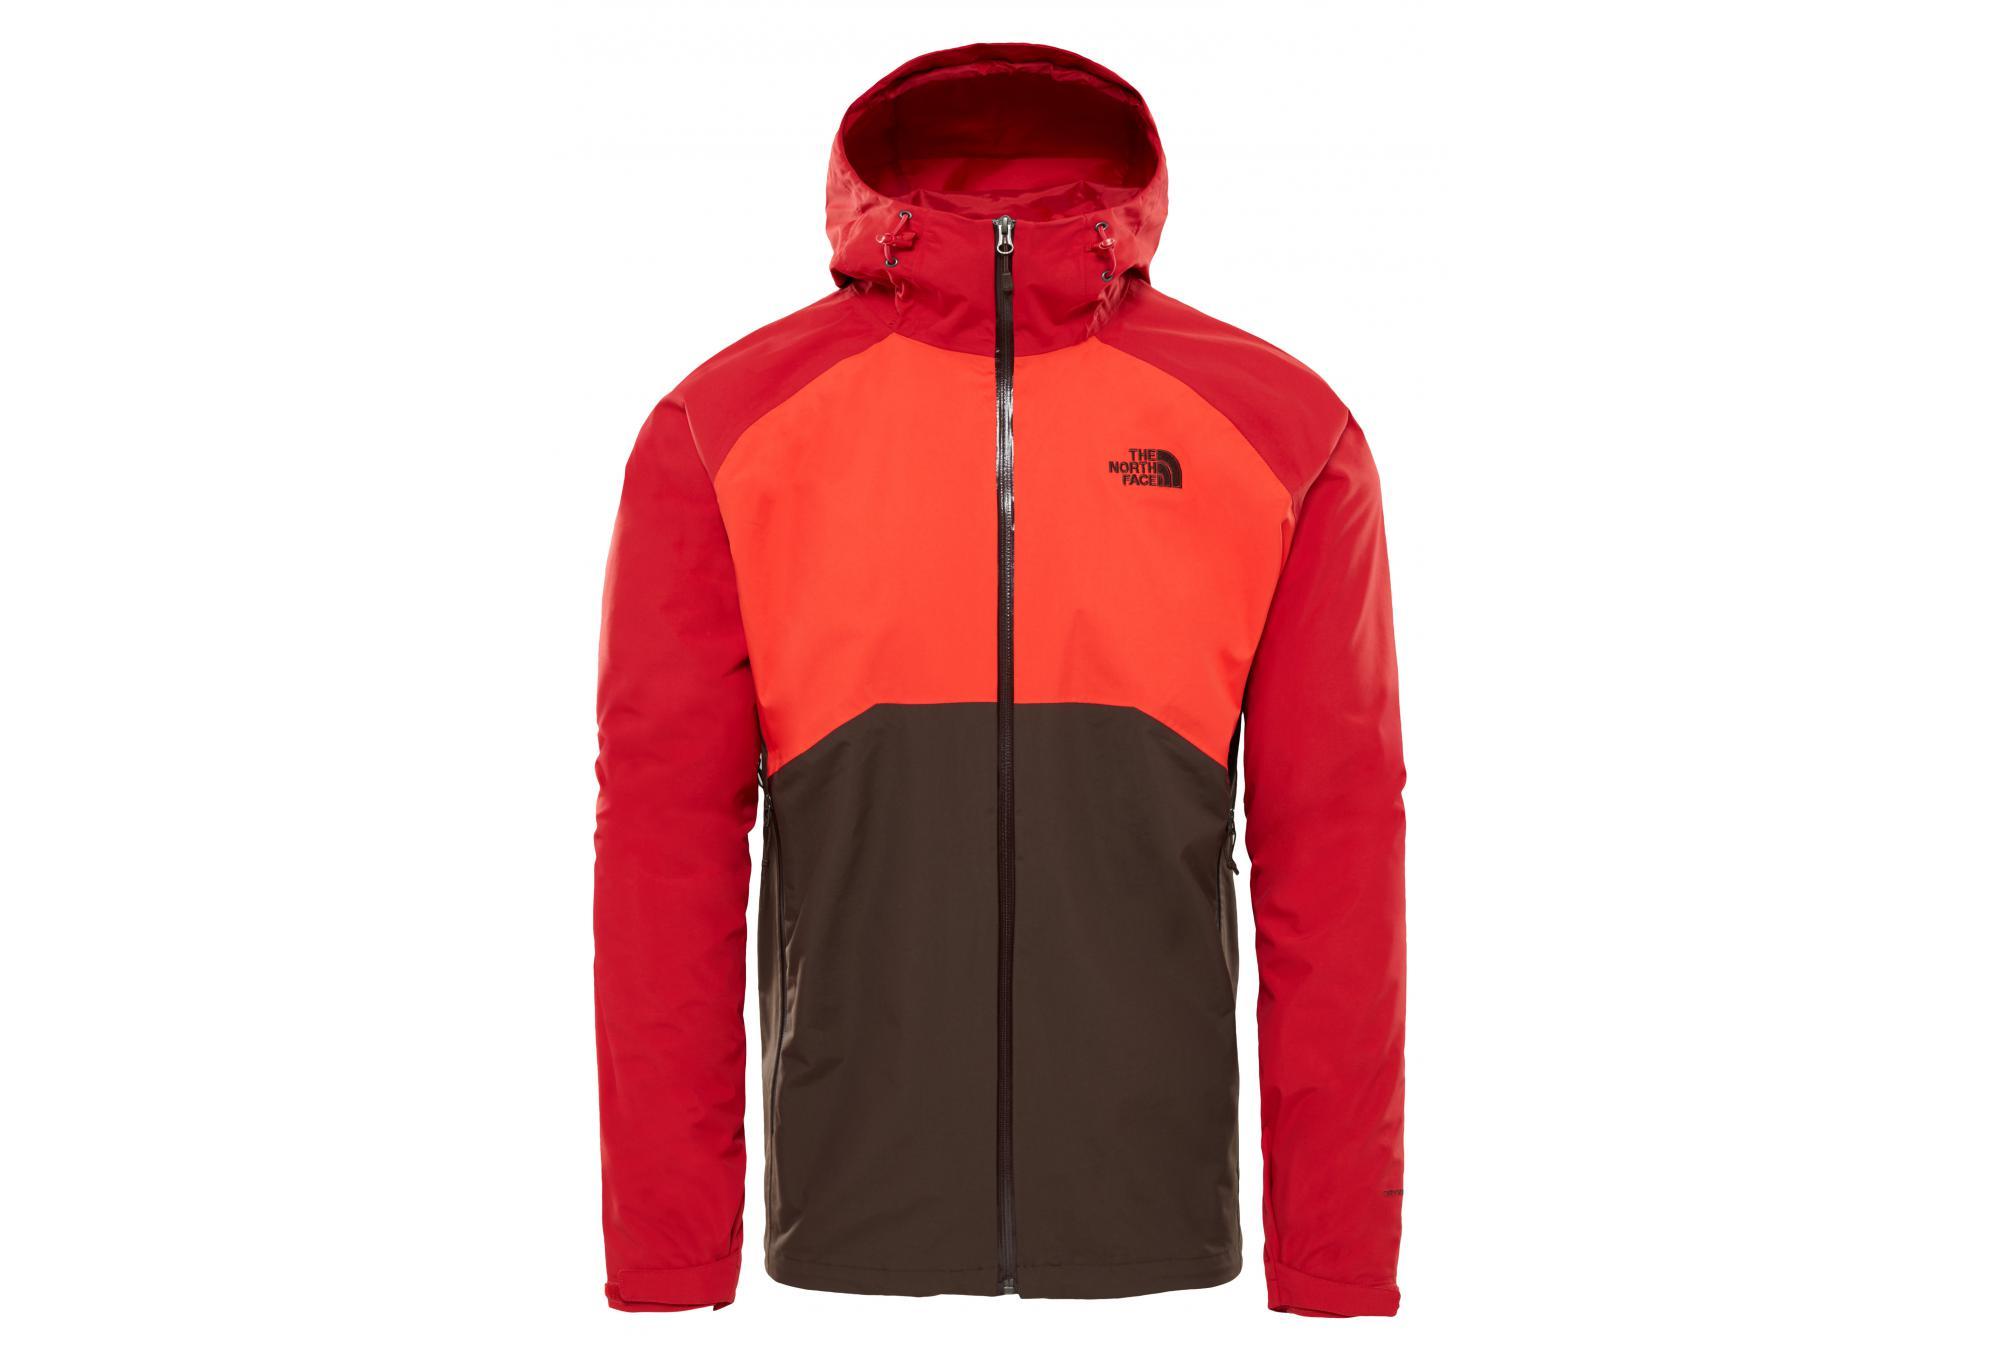 new styles 808a4 68ed6 Die North Face Stratos Wasserdichte Jacke Rot